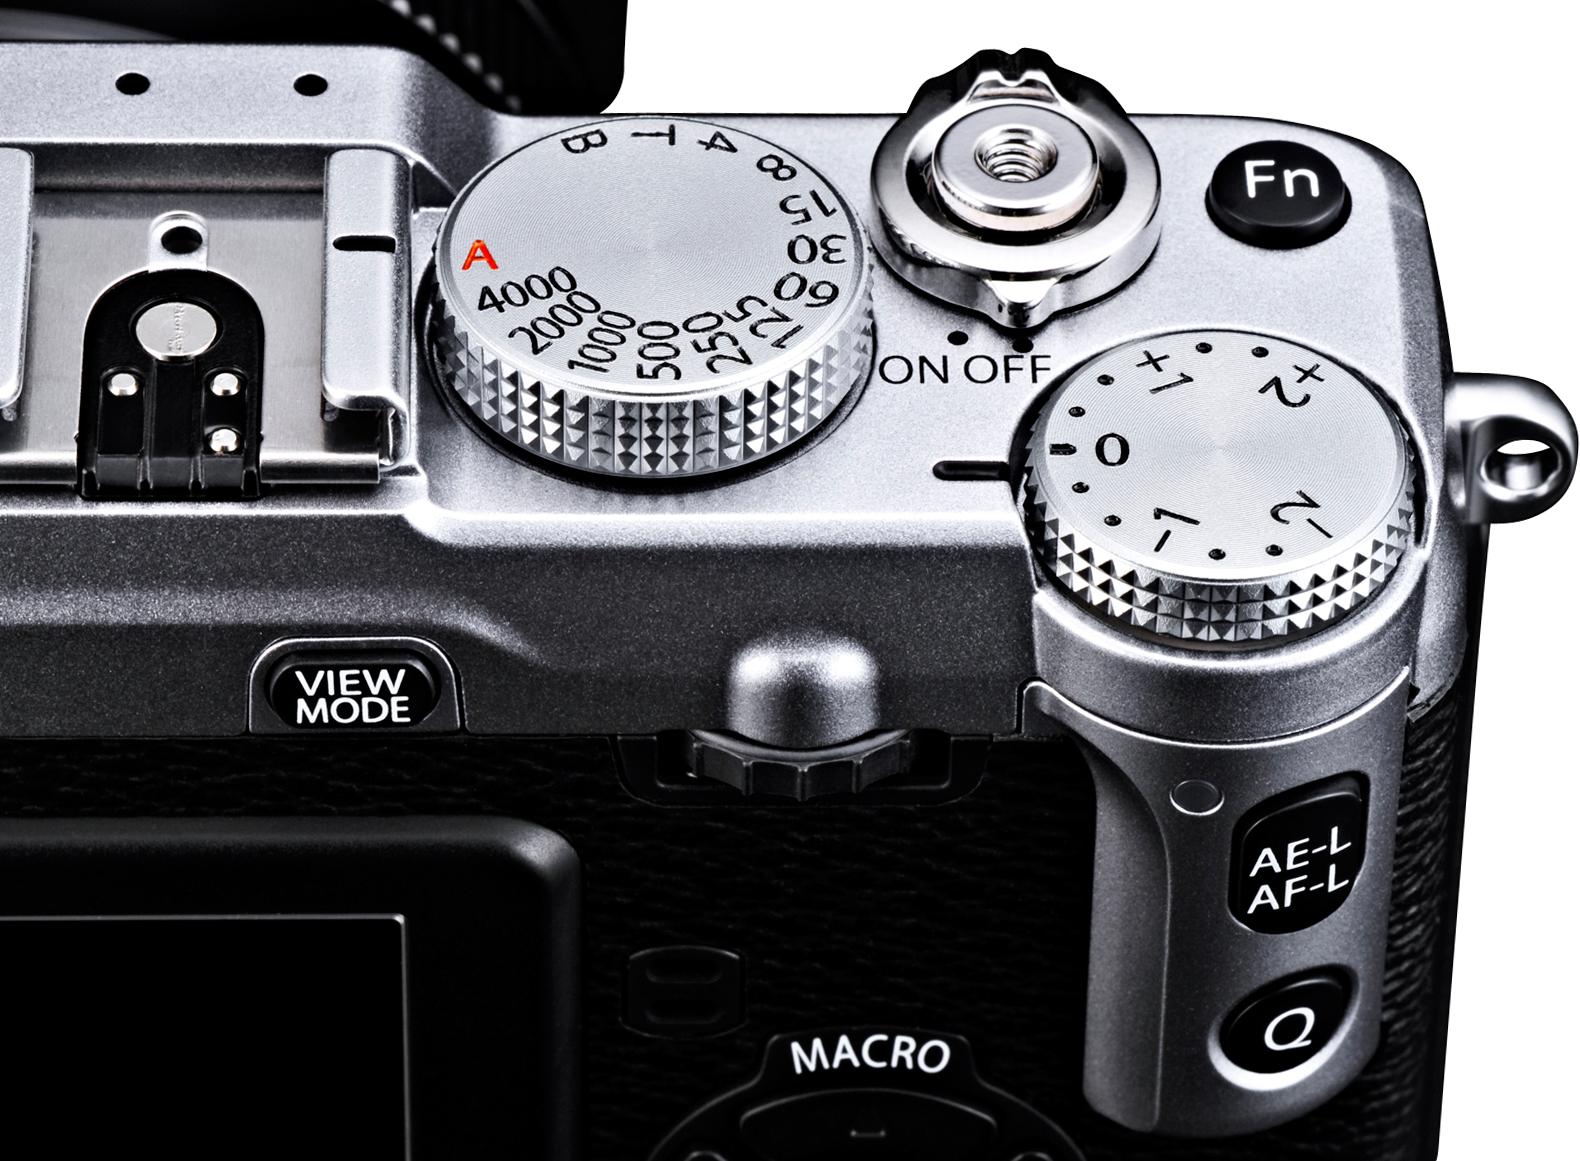 Fuji X-E1 Controls